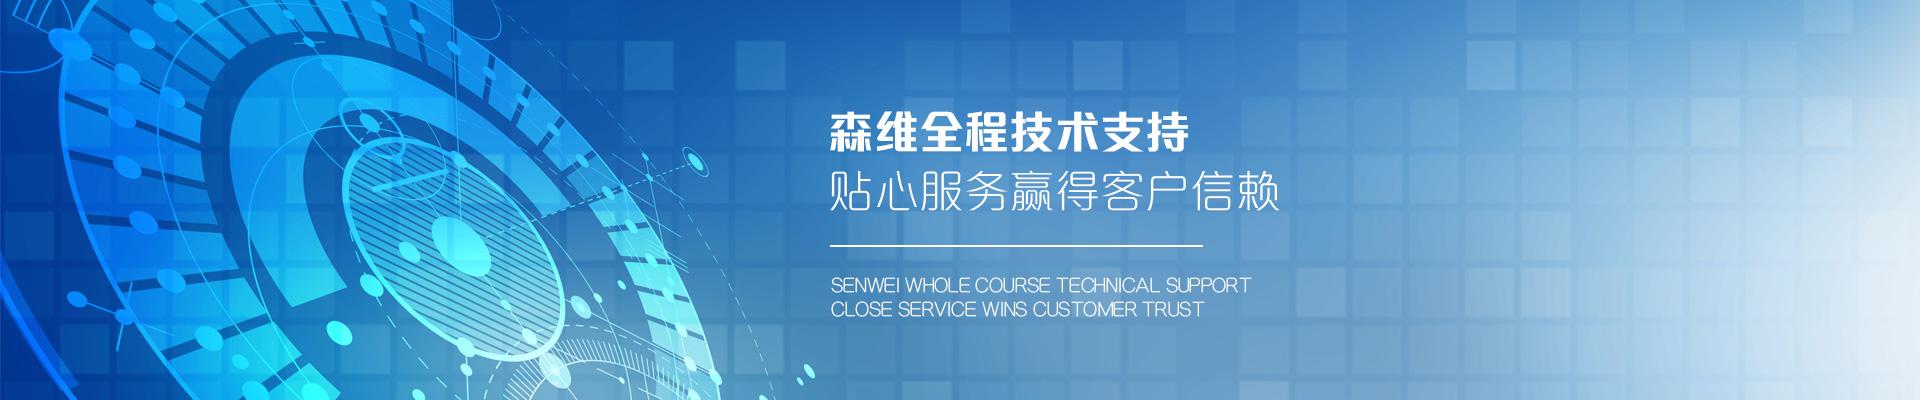 森维电子-森维全程技术支持,贴心服务赢得客户信赖